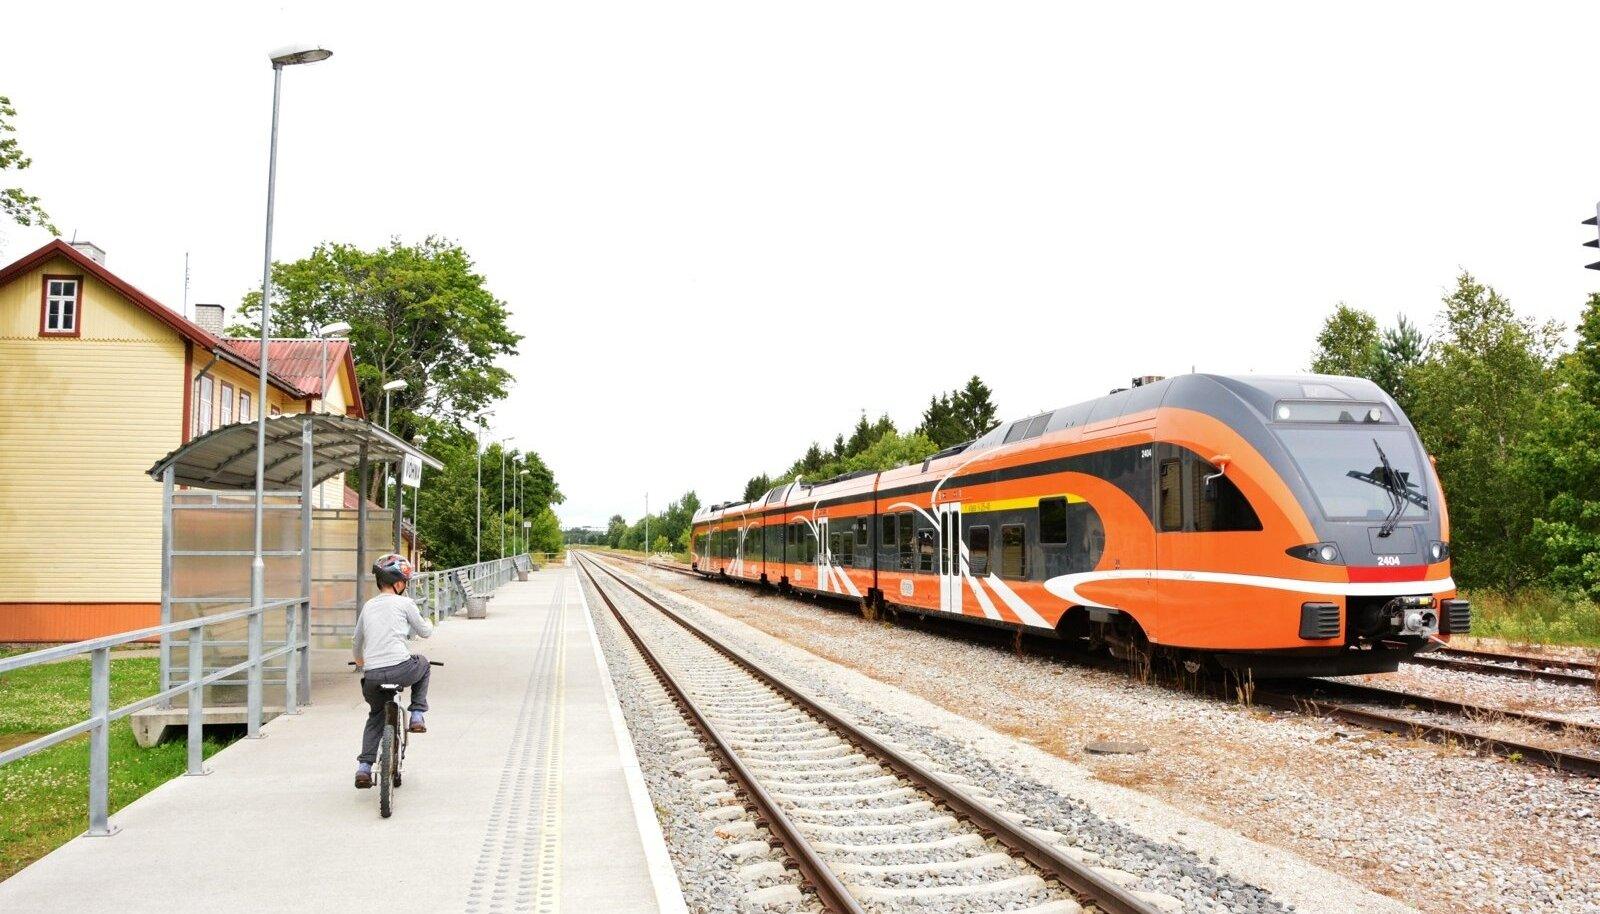 Elroni rong seisab Võhma peatuses tehnilise rikke tõttu.